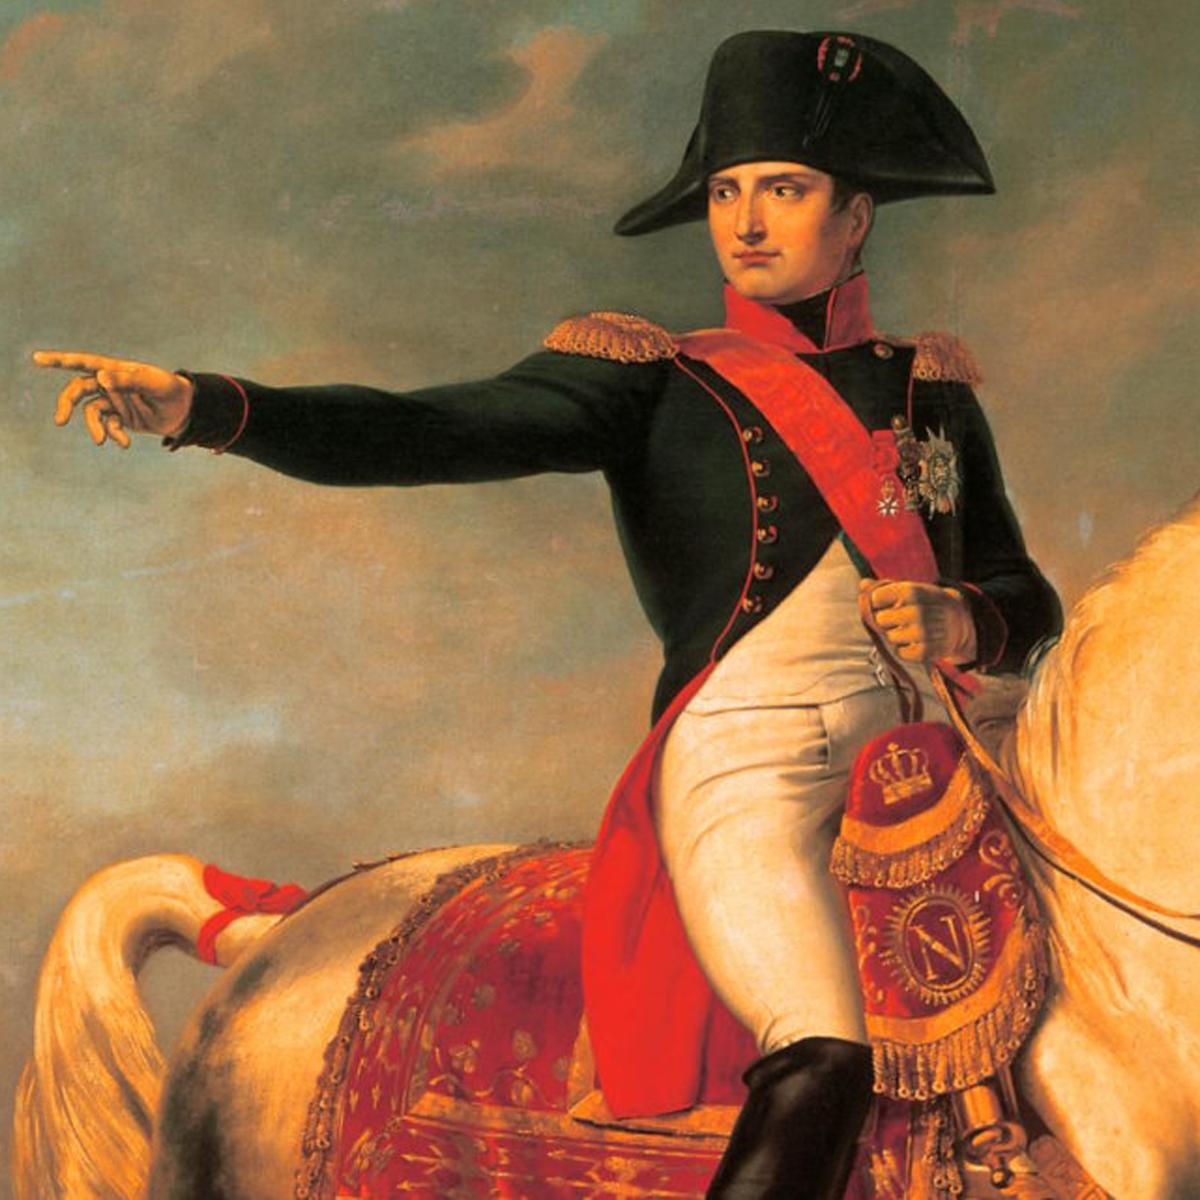 Napoleón. ilustre, cursos, cultura en español, cursos online, cultura, aprendizaje online, Arte, literatura, cine, historia, Música